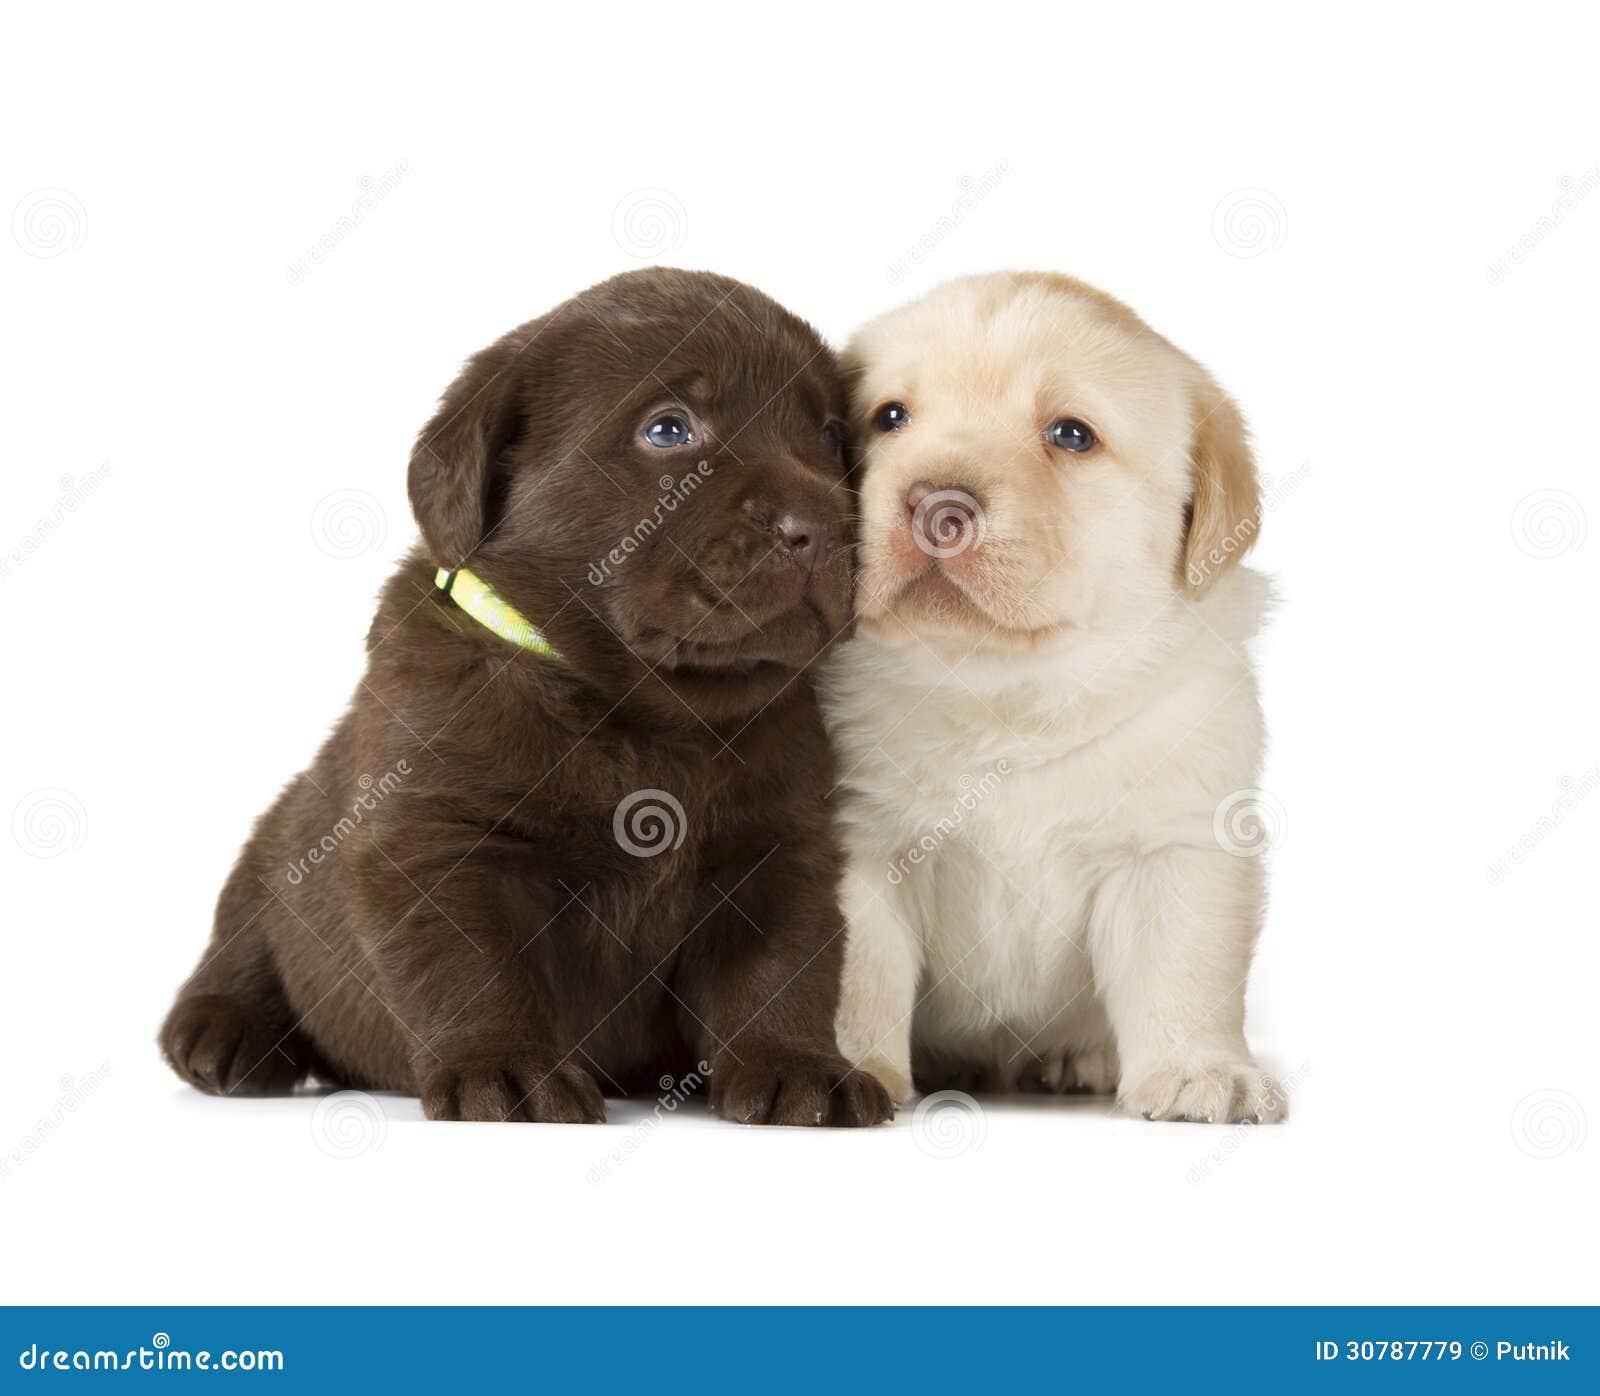 Chocolate Chocolate Labrador Retriever Puppies Stock Image Image